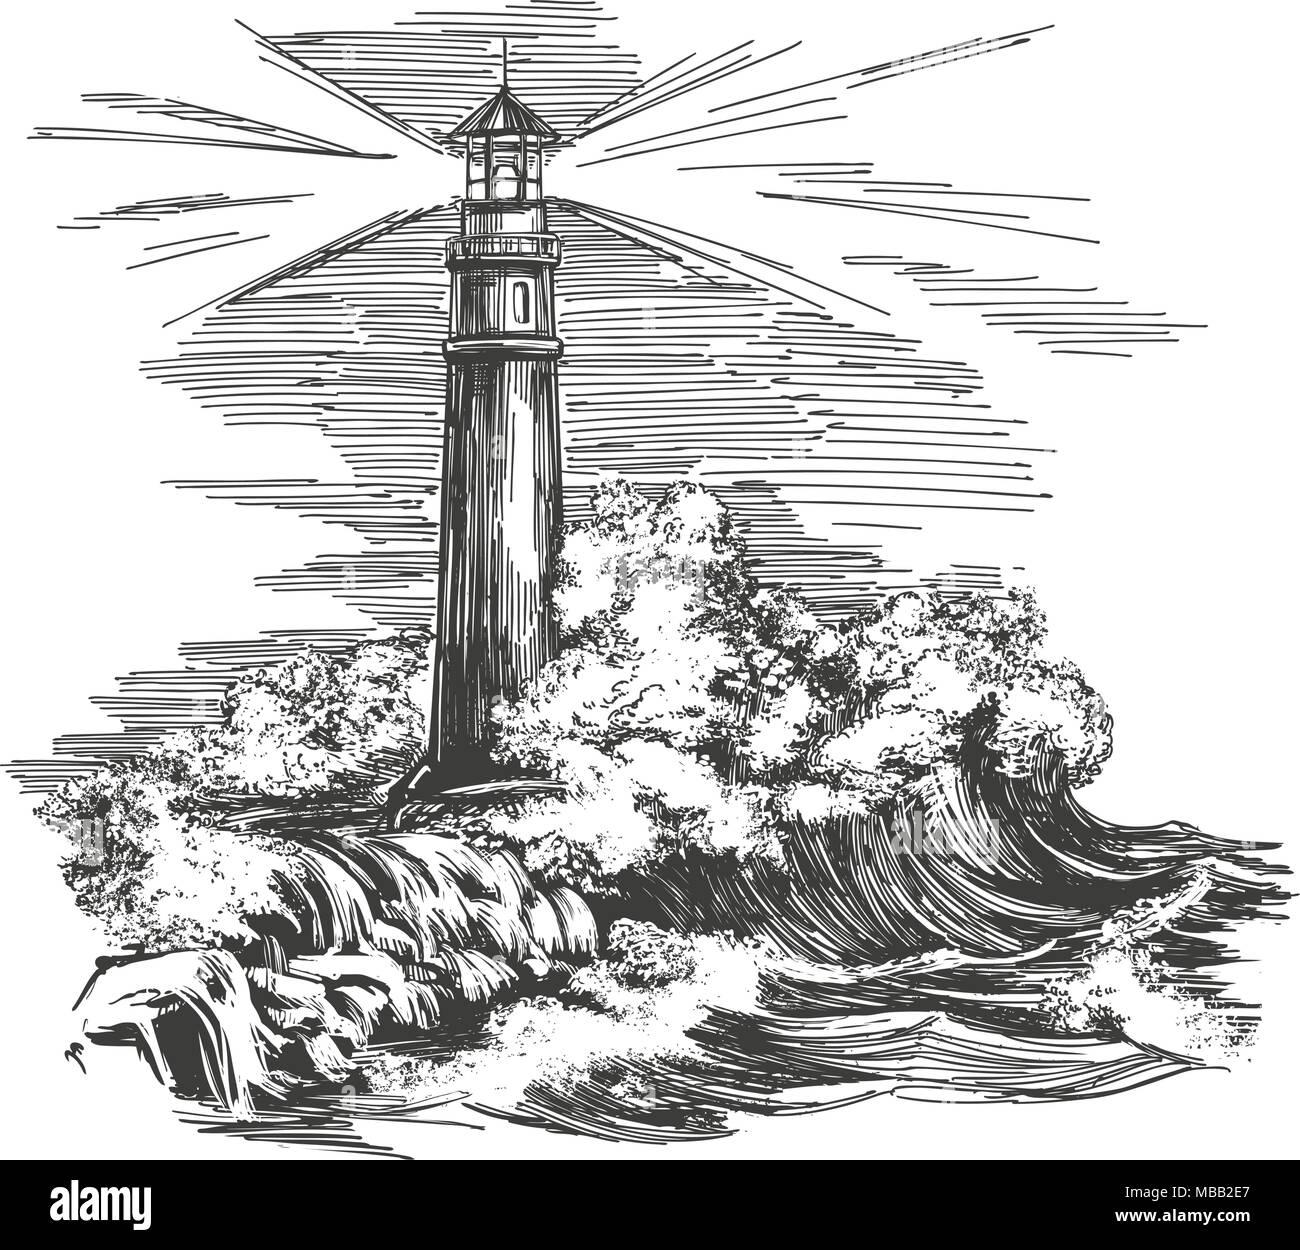 Faro faro nel buio e paesaggio marino storm disegnati a for Disegno paesaggio marino